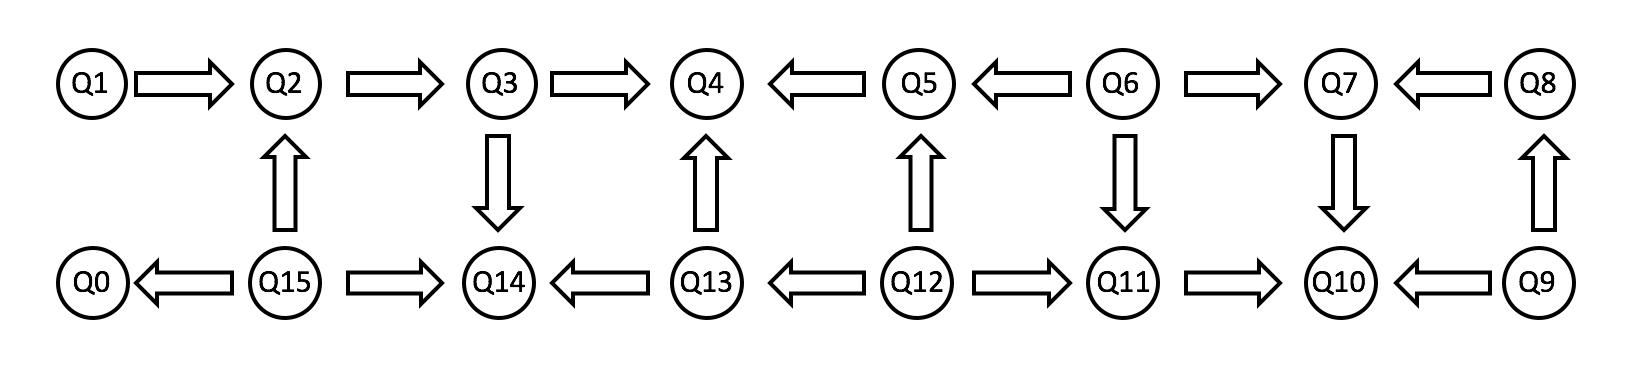 Обзор и сравнение квантовых программных платформ гейтового уровня - 3